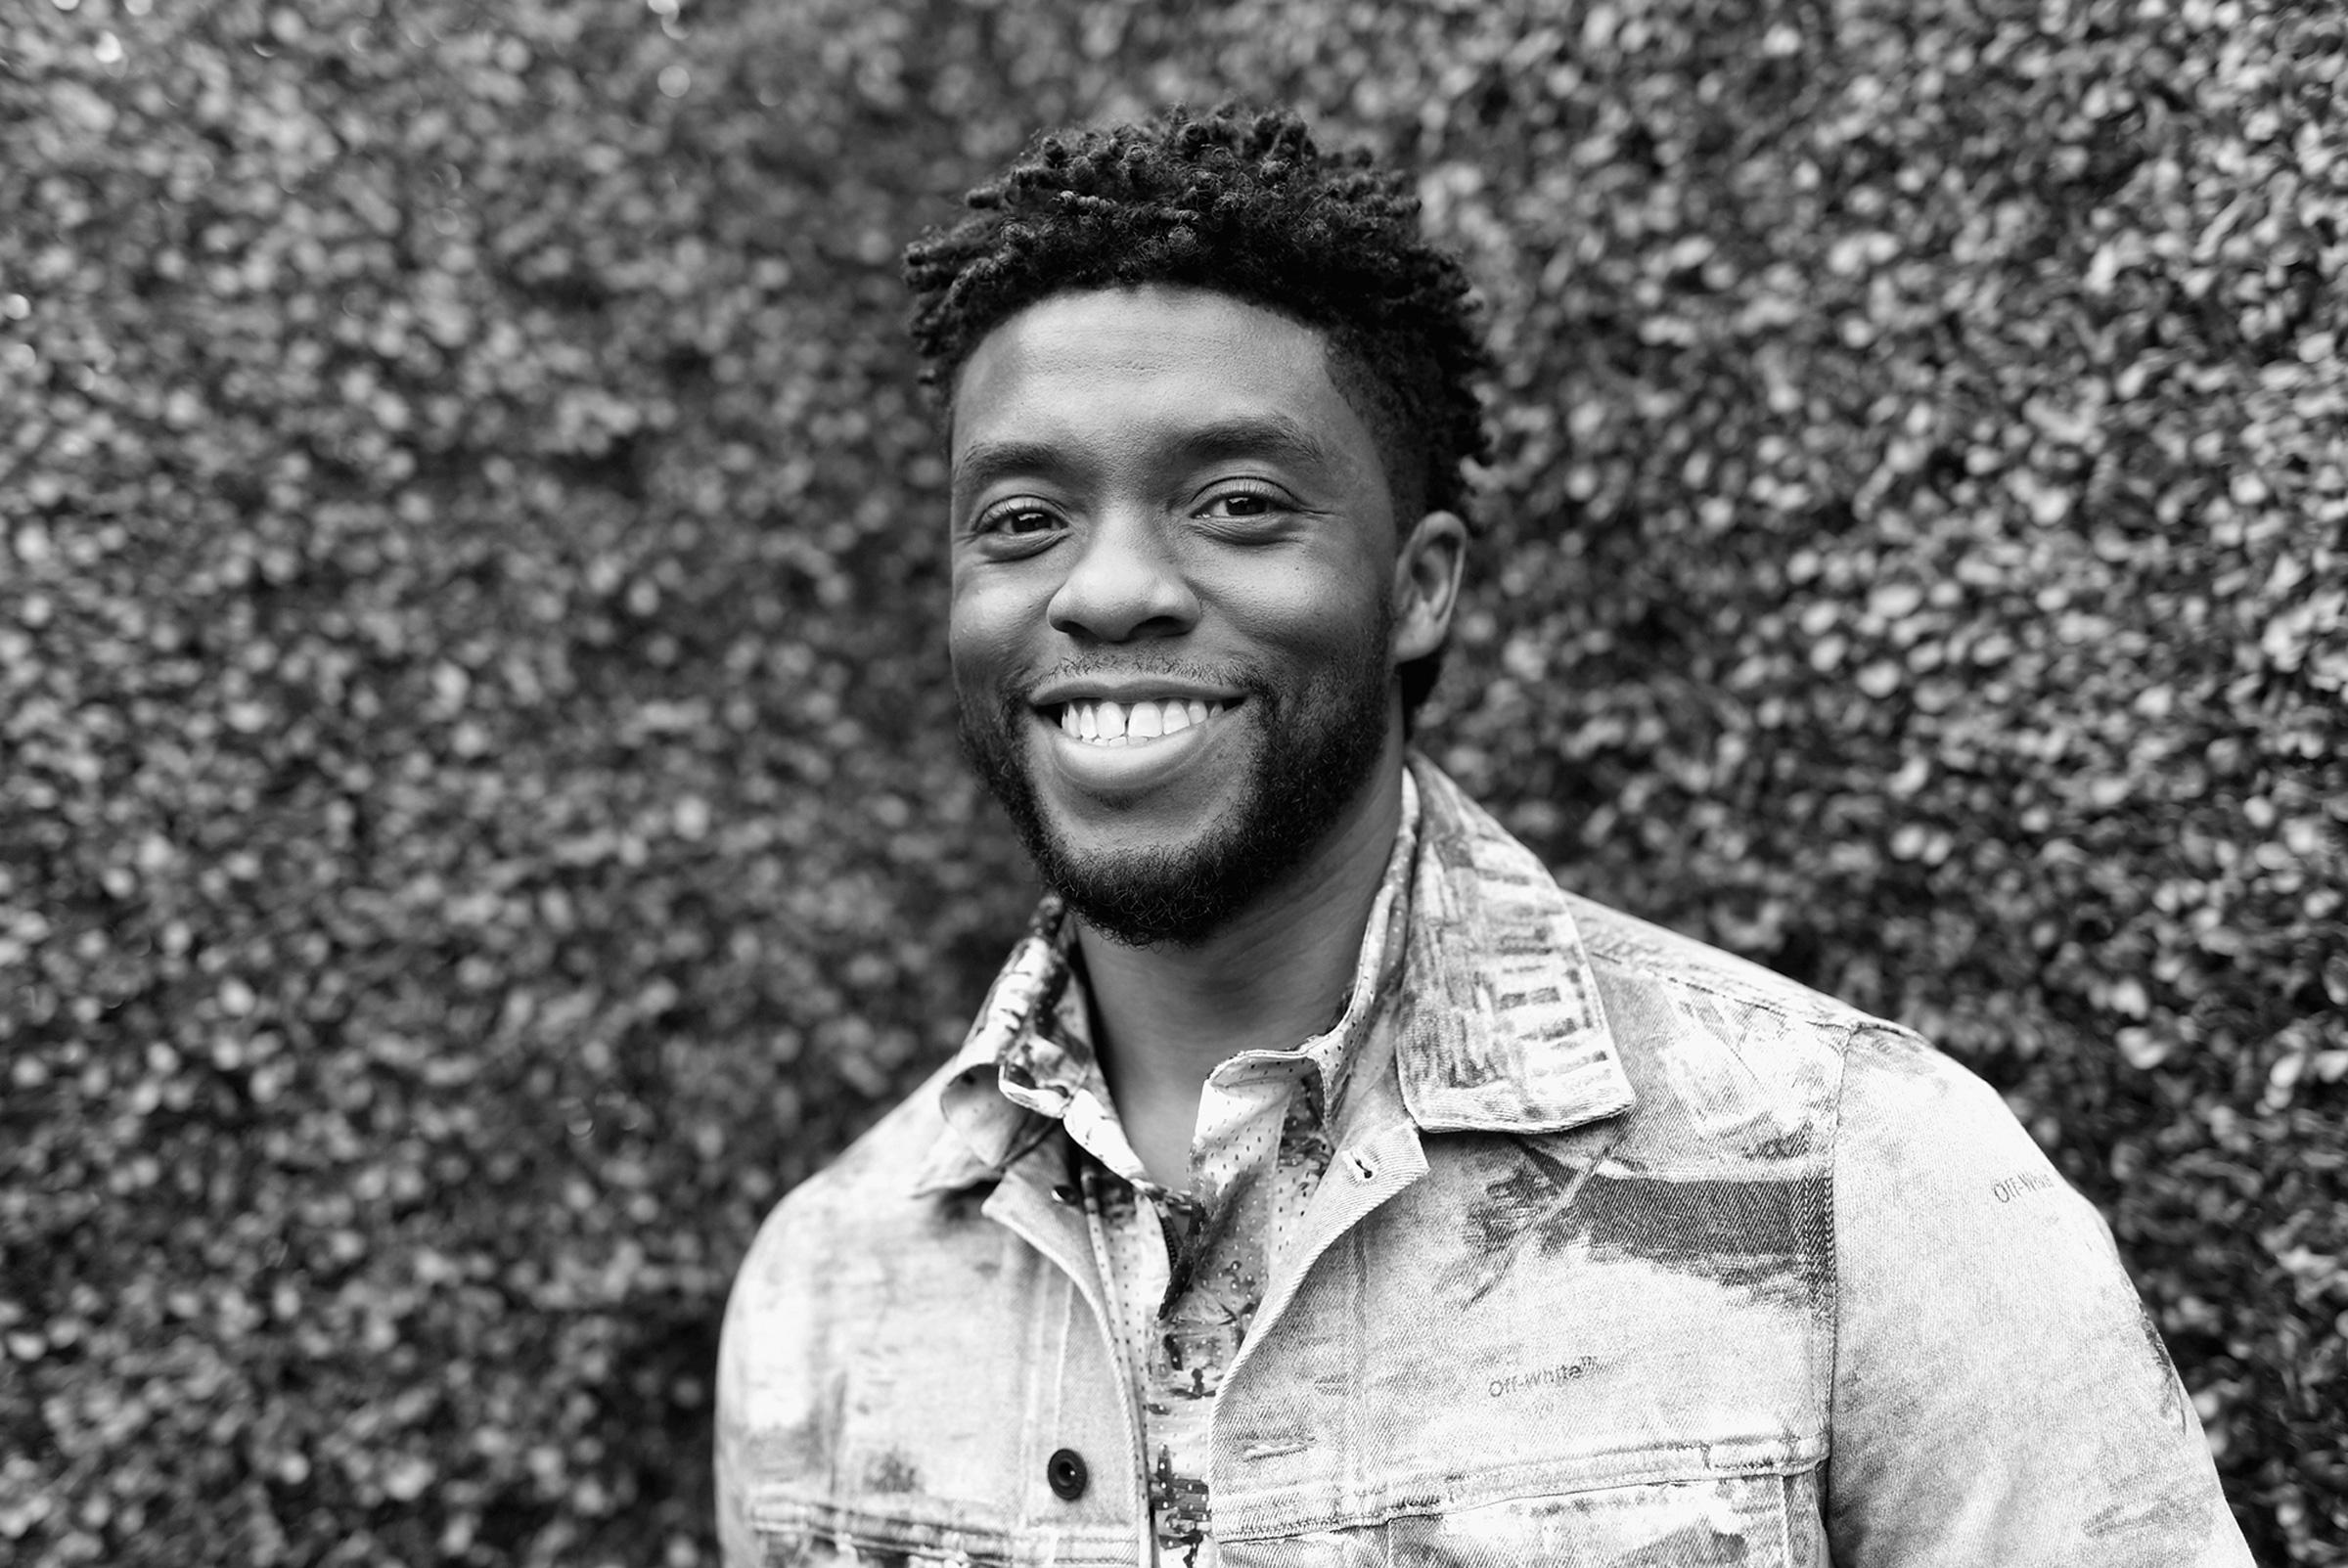 Chadwick Boseman, a Black man with short, black hair, smiles broadly at the camera